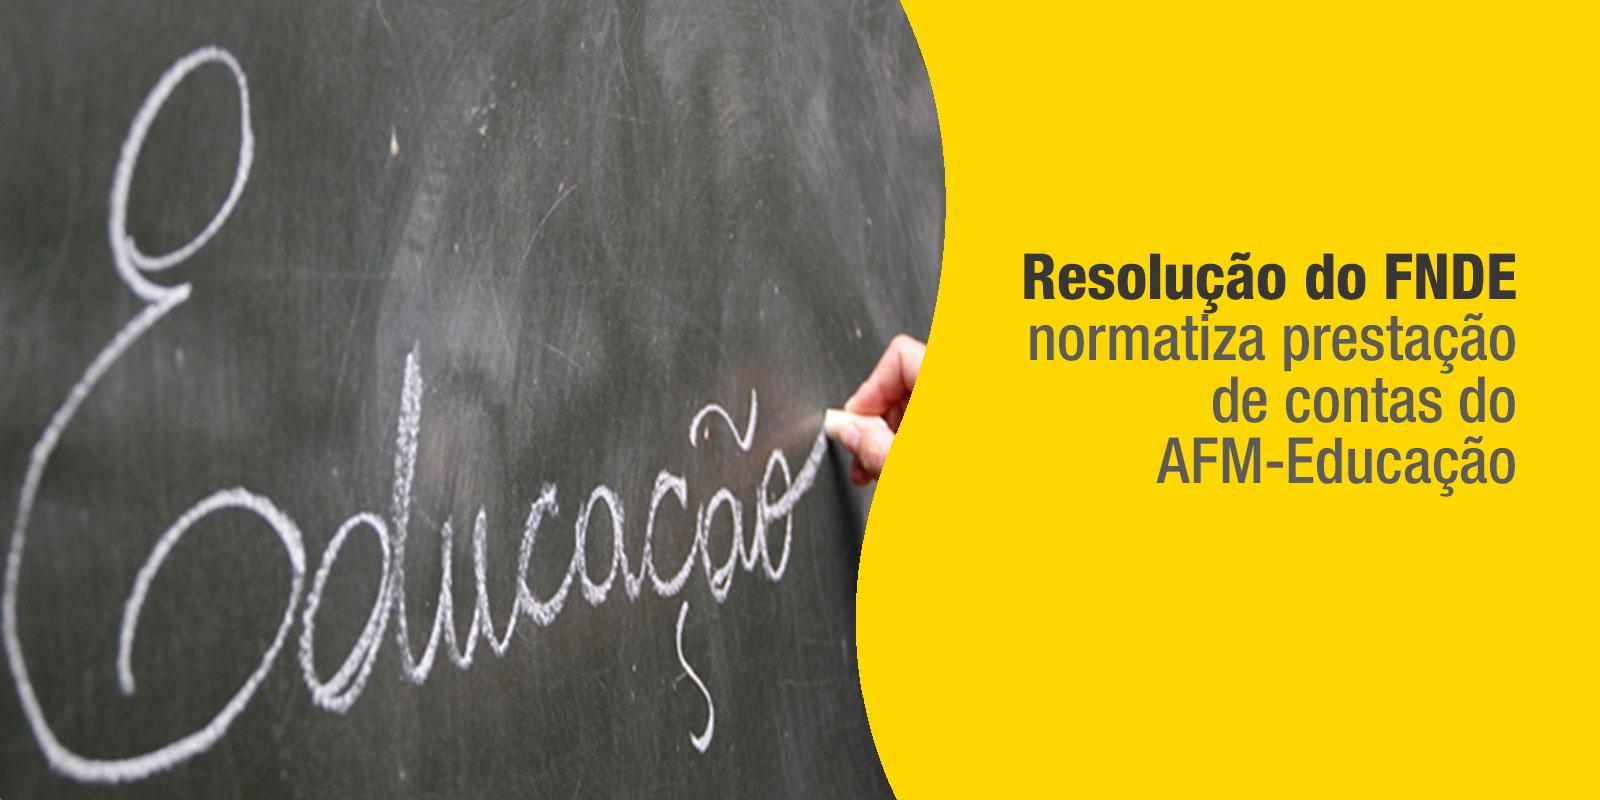 Resolução do FNDE normatiza prestação de contas do AFM-Educação